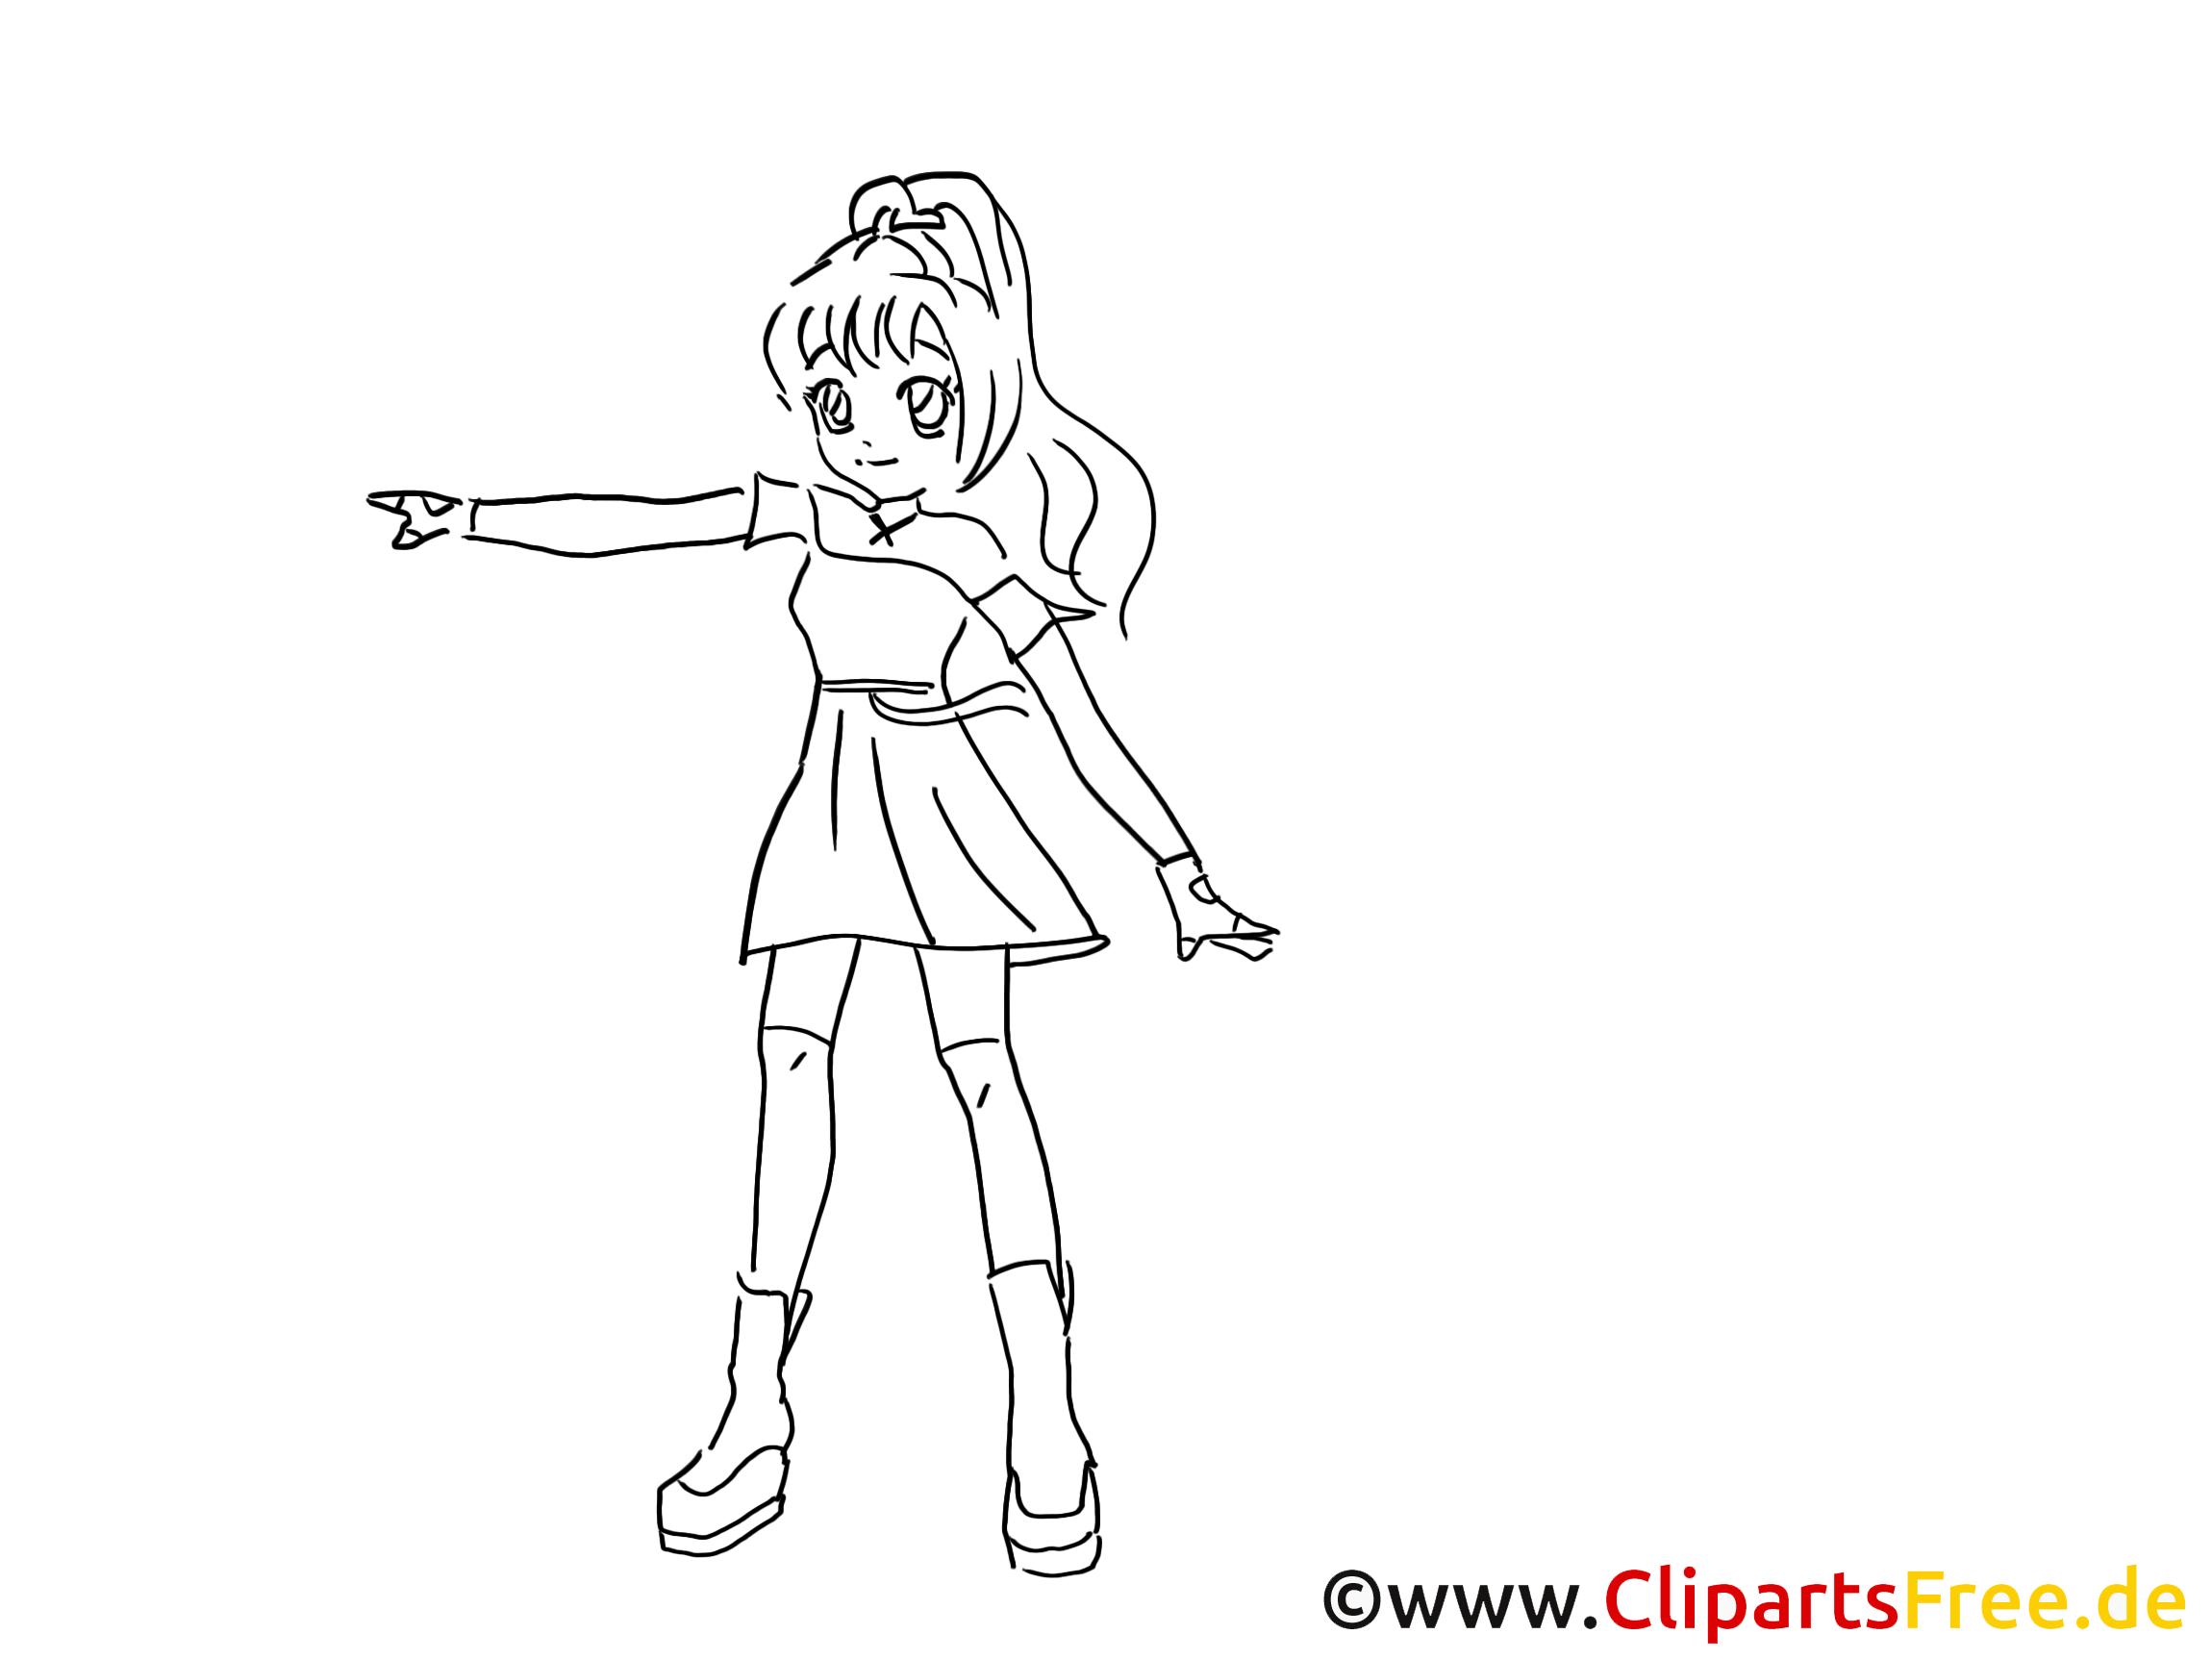 24 Ausmalbilder Anime Mädchen - Besten Bilder von ausmalbilder